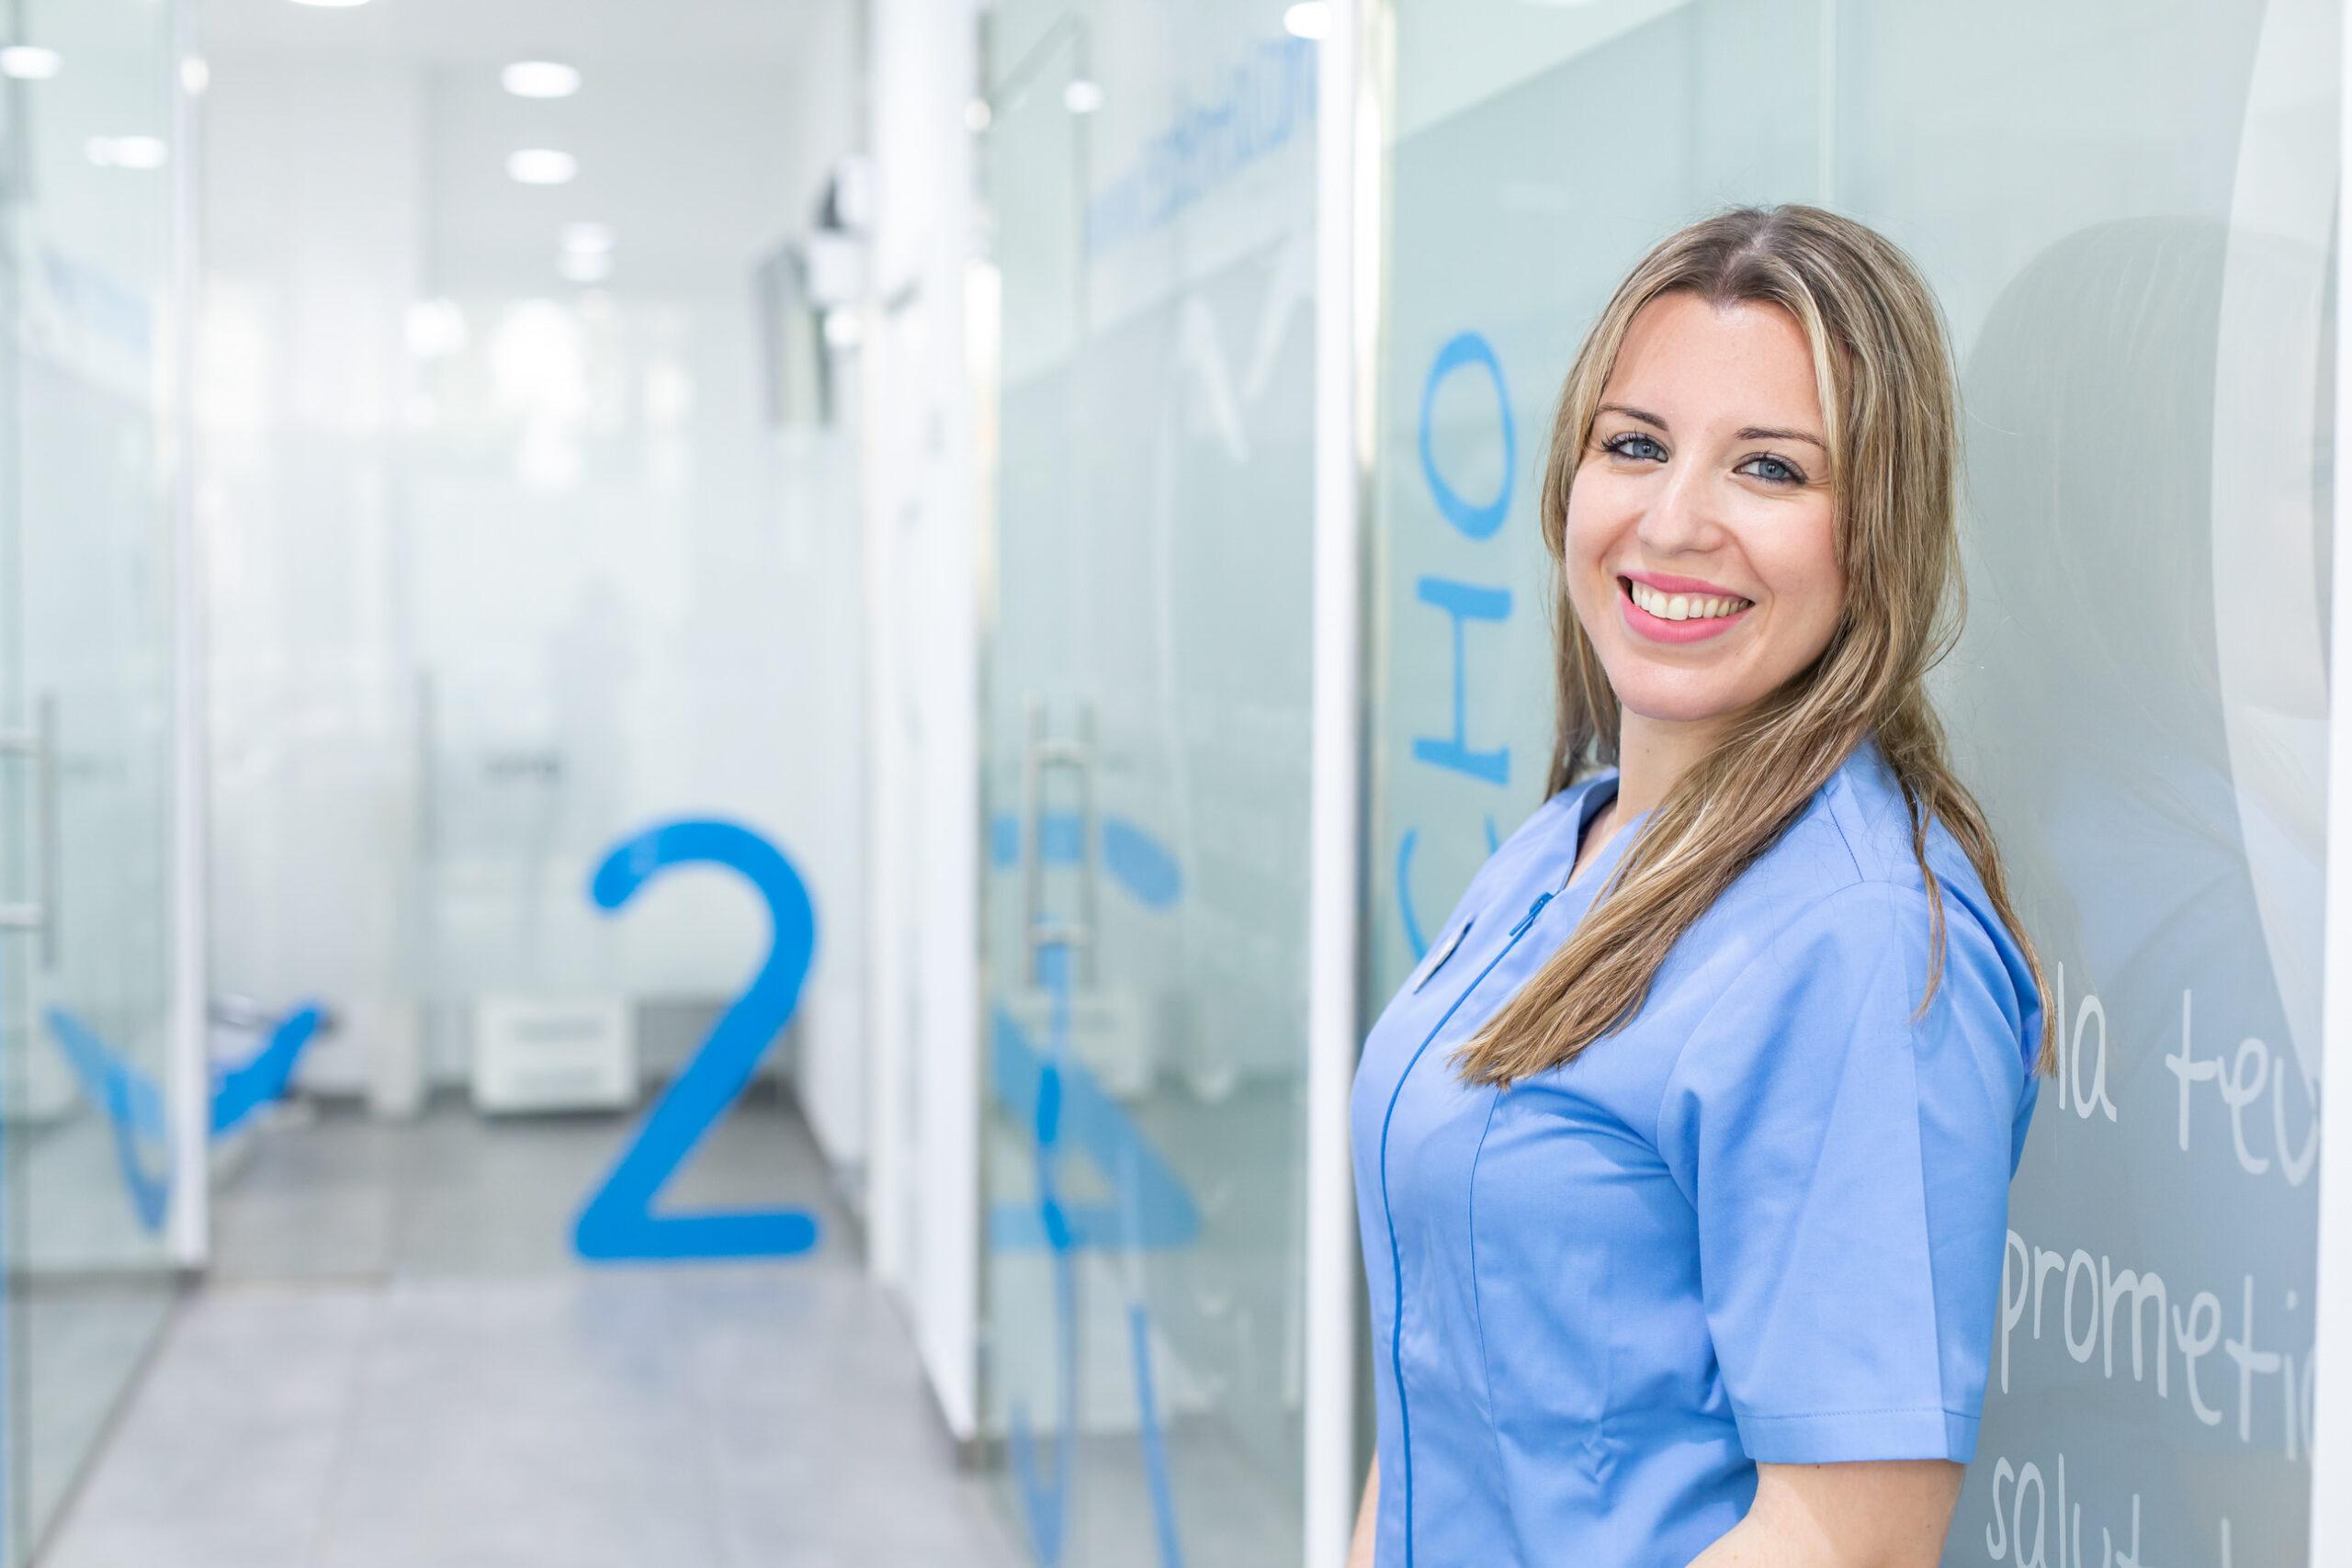 clínica dental en Godella - foto de Cristina